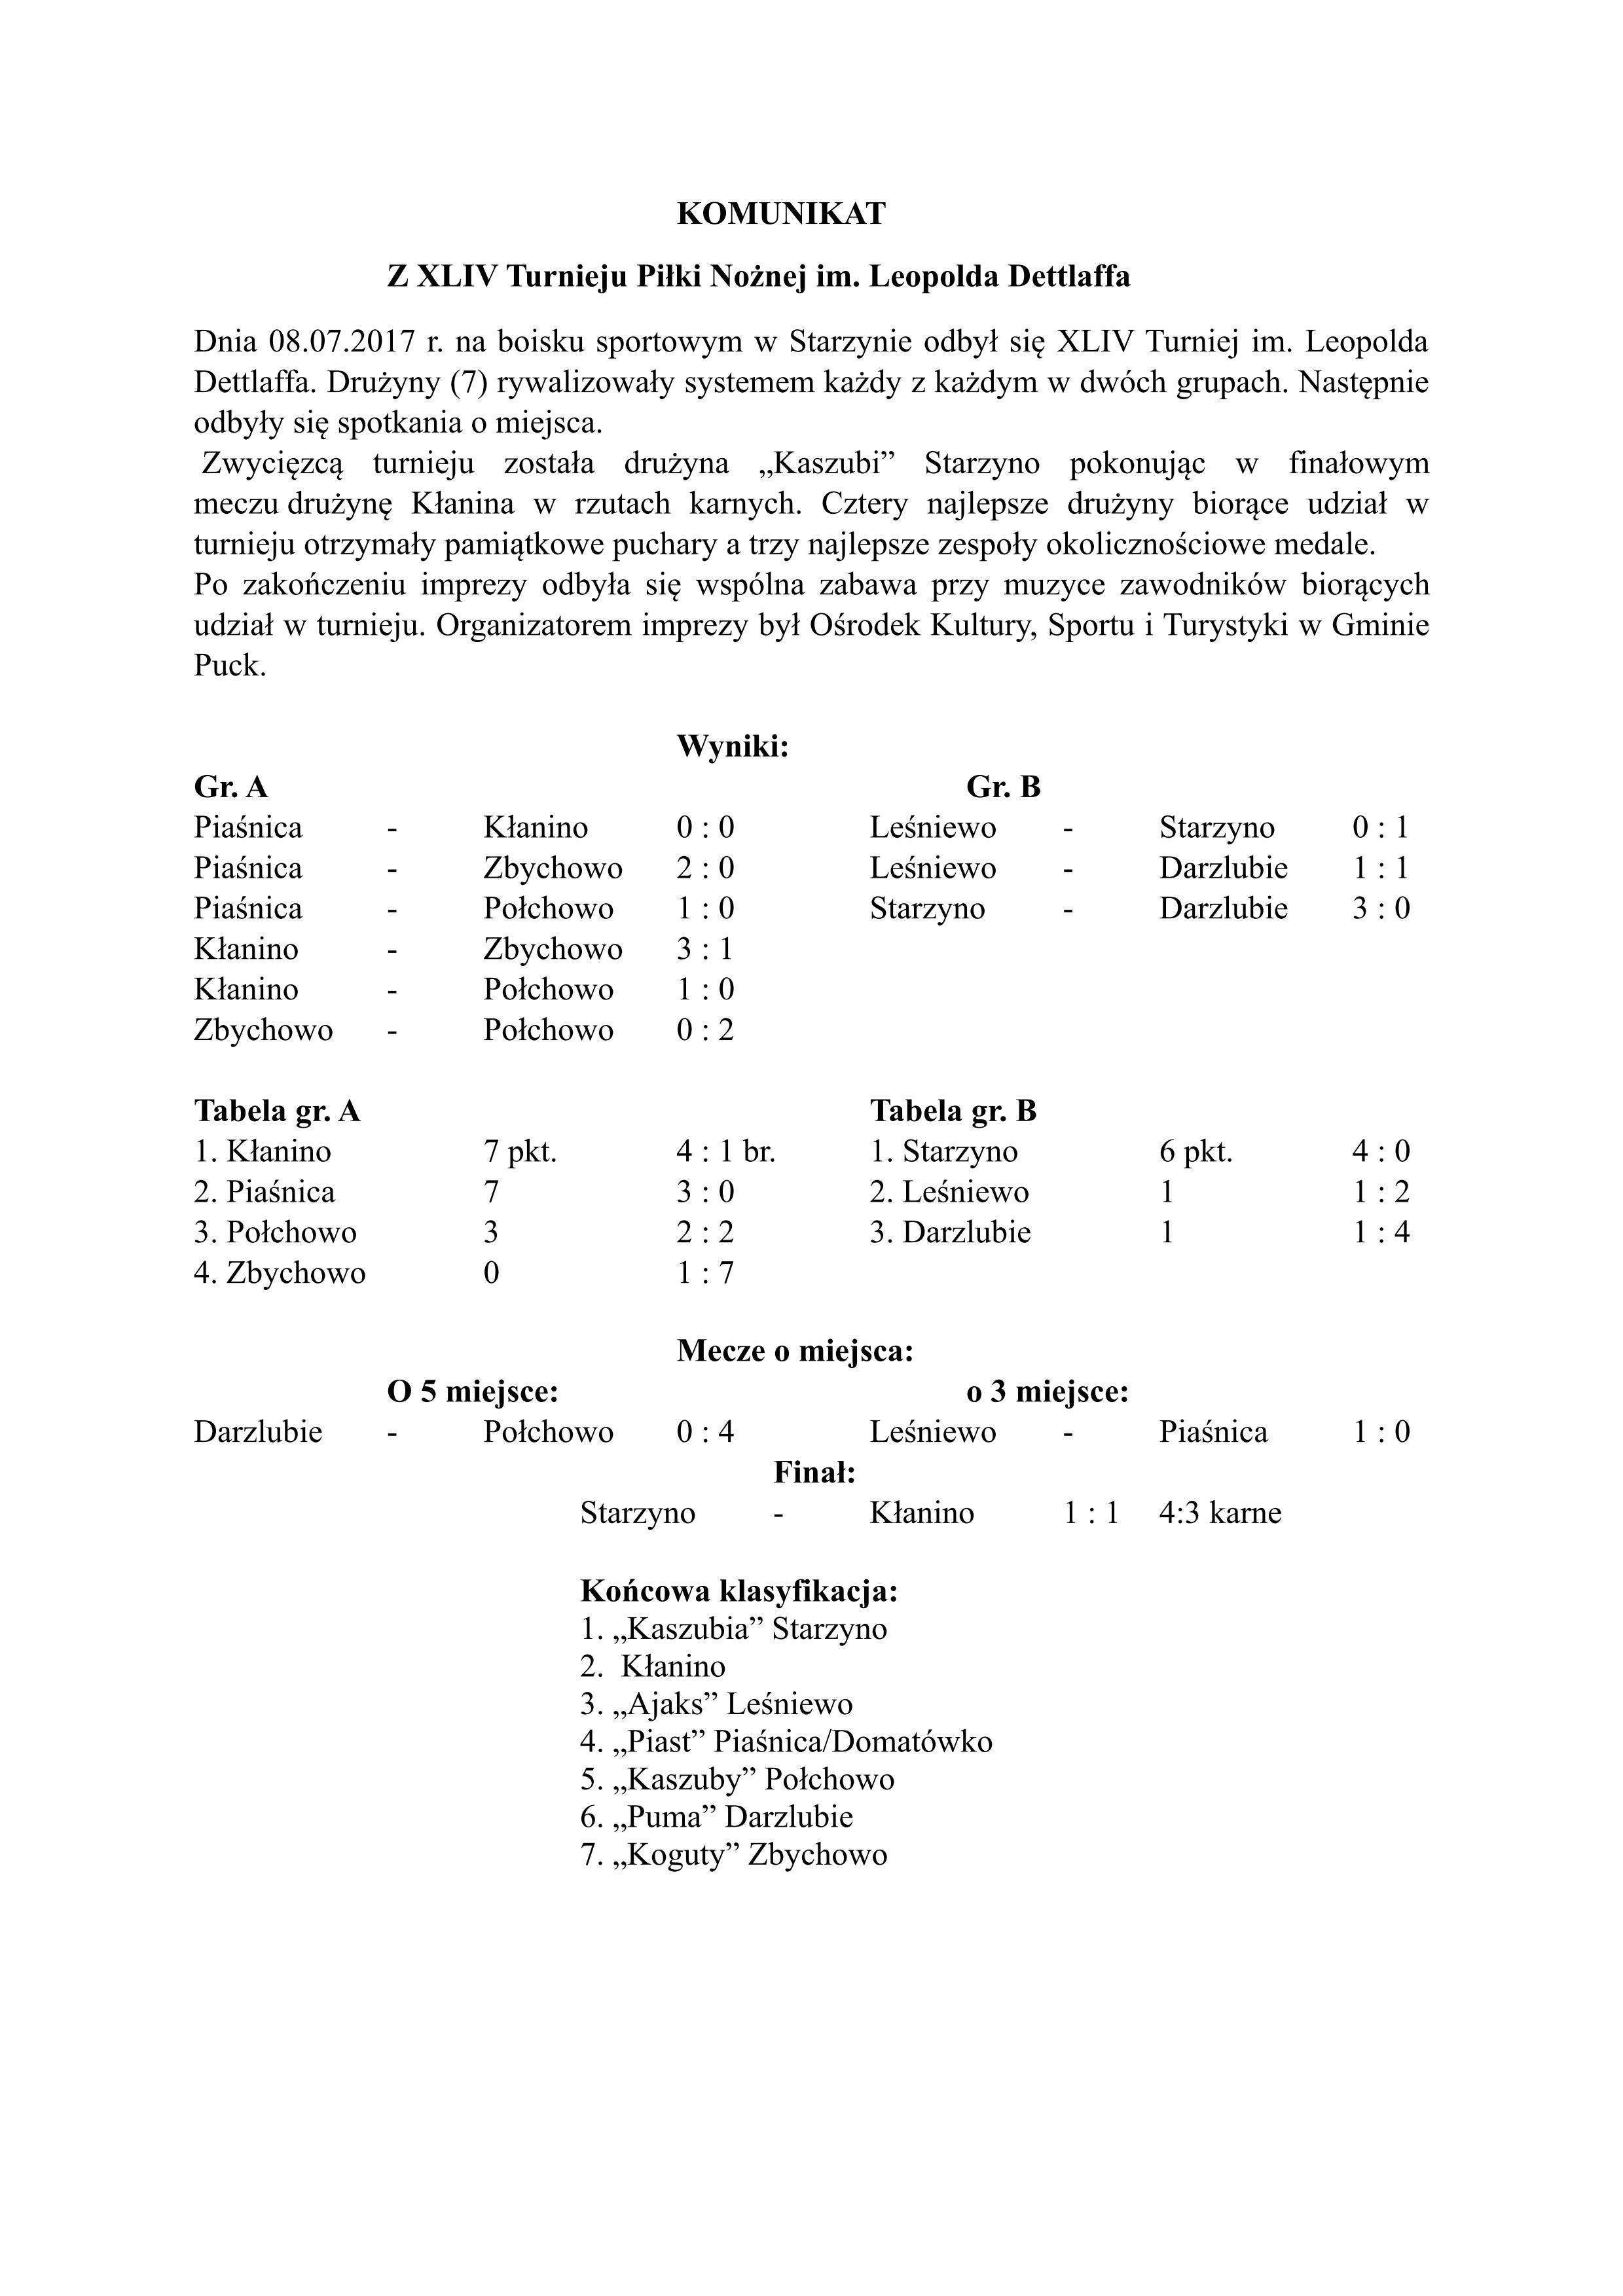 turniej leopolda dettlaffa 2017_01